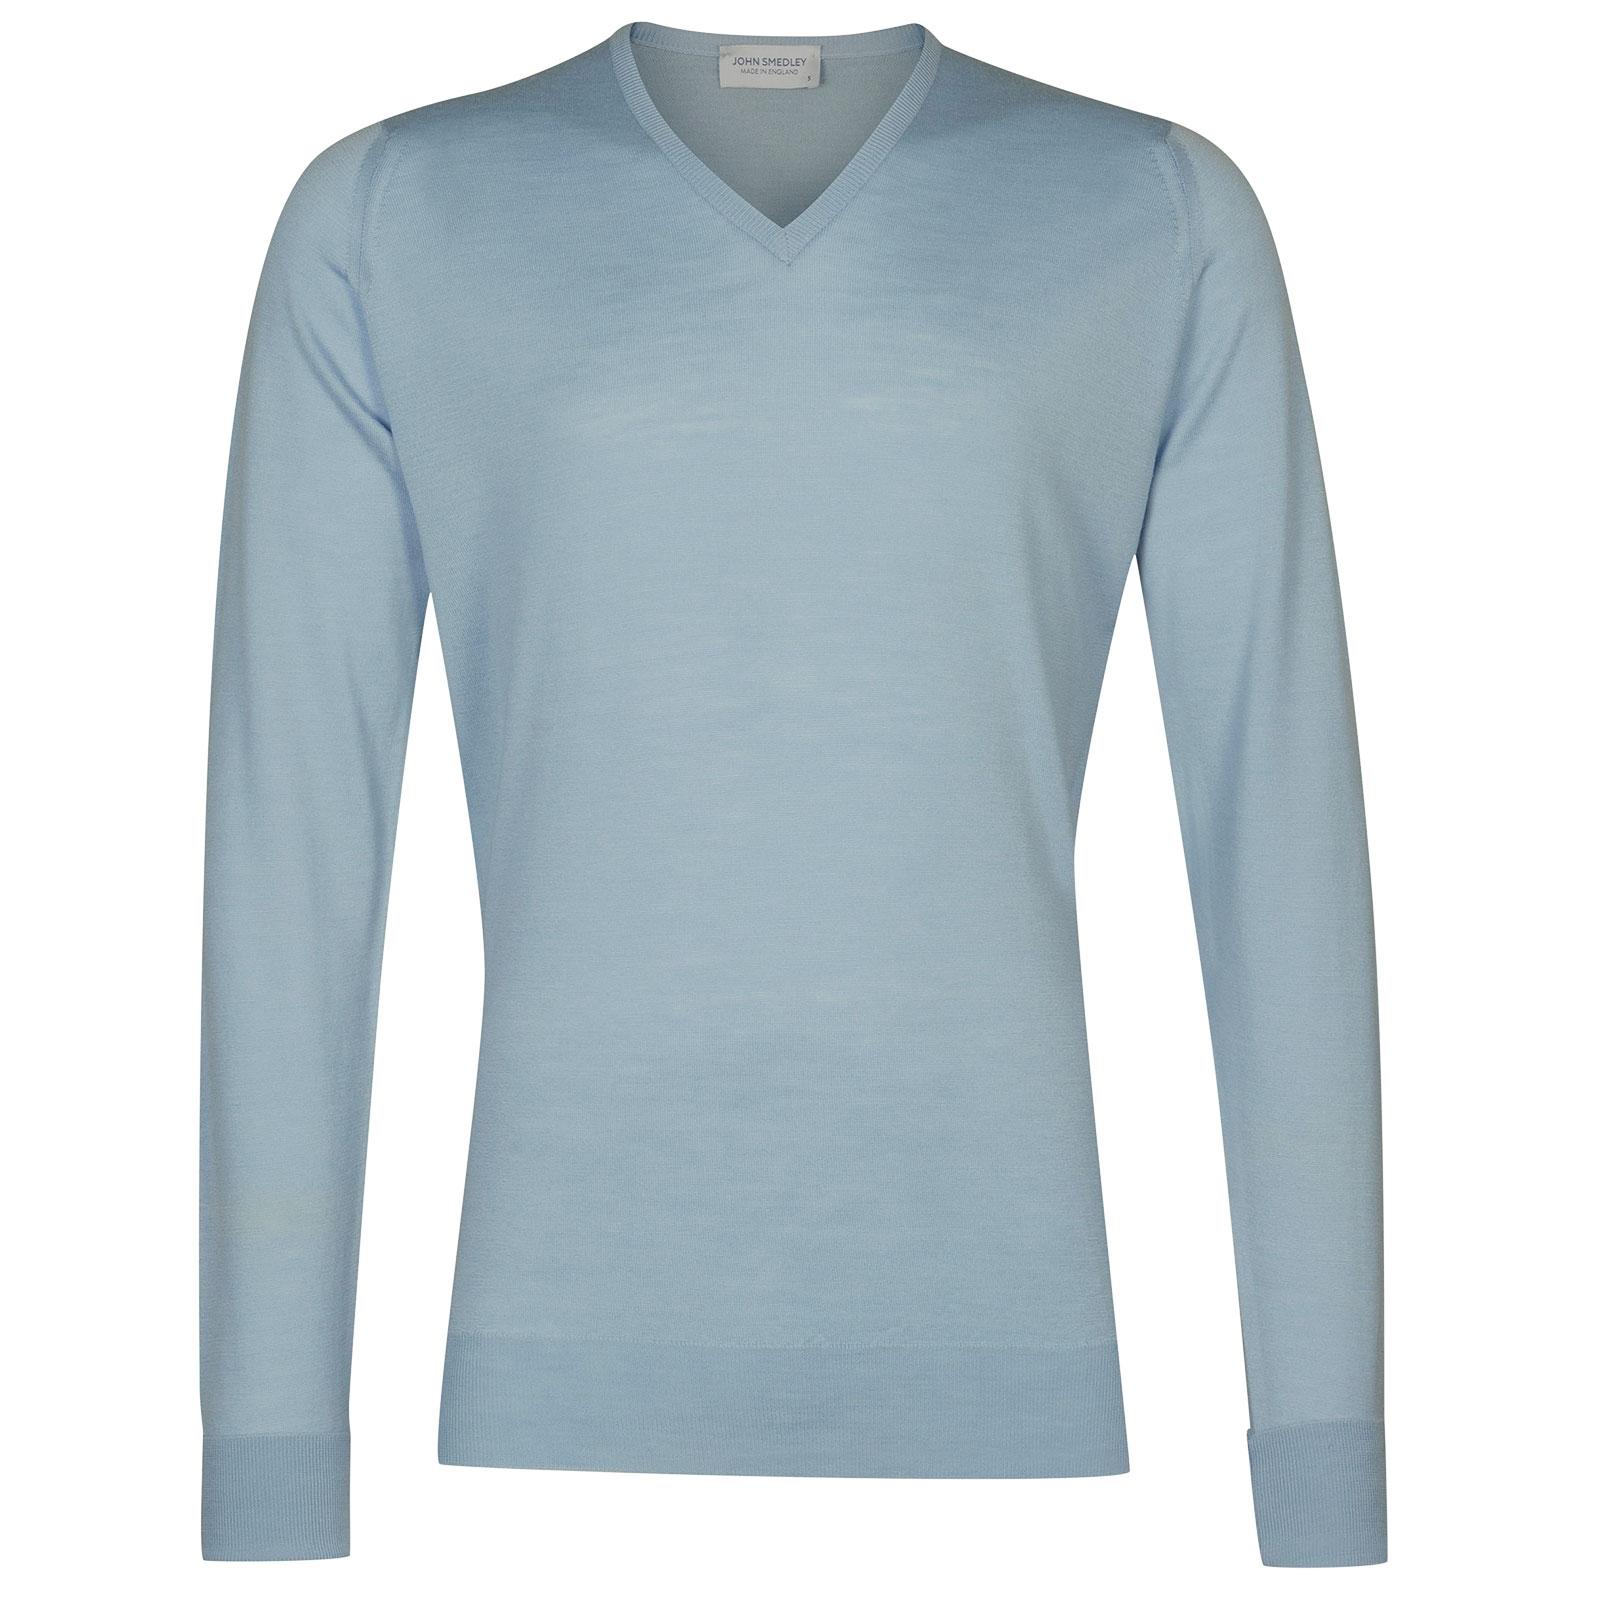 John Smedley Bobby in Dusk Blue Pullover-SML